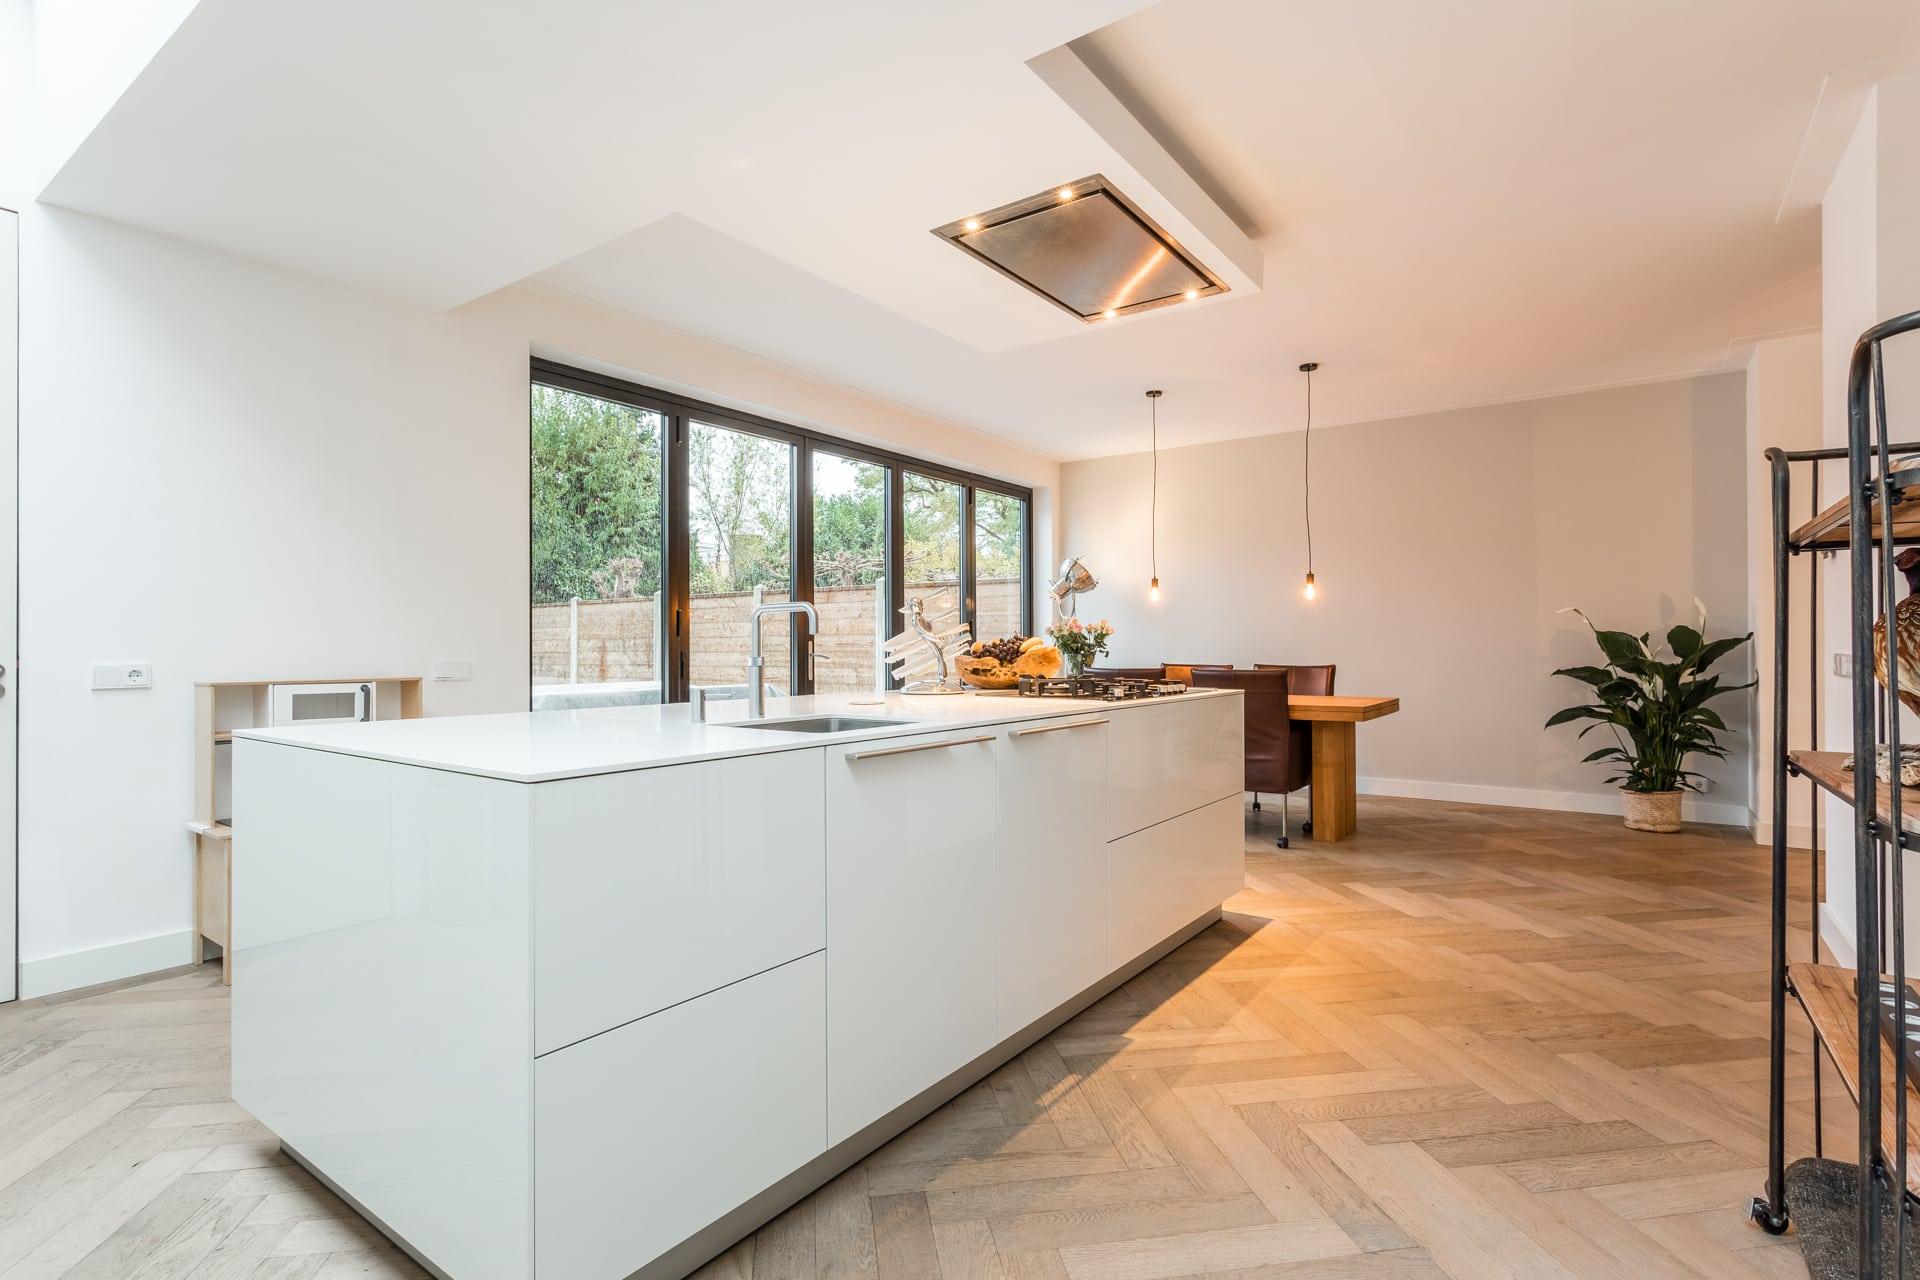 van-Os-architecten-verbouwing-2-onder-1-kapper-Valkenierslaan-Breda-strakke-himacs-kookeiland-en-luxe-houten-visgraat-parketvloer